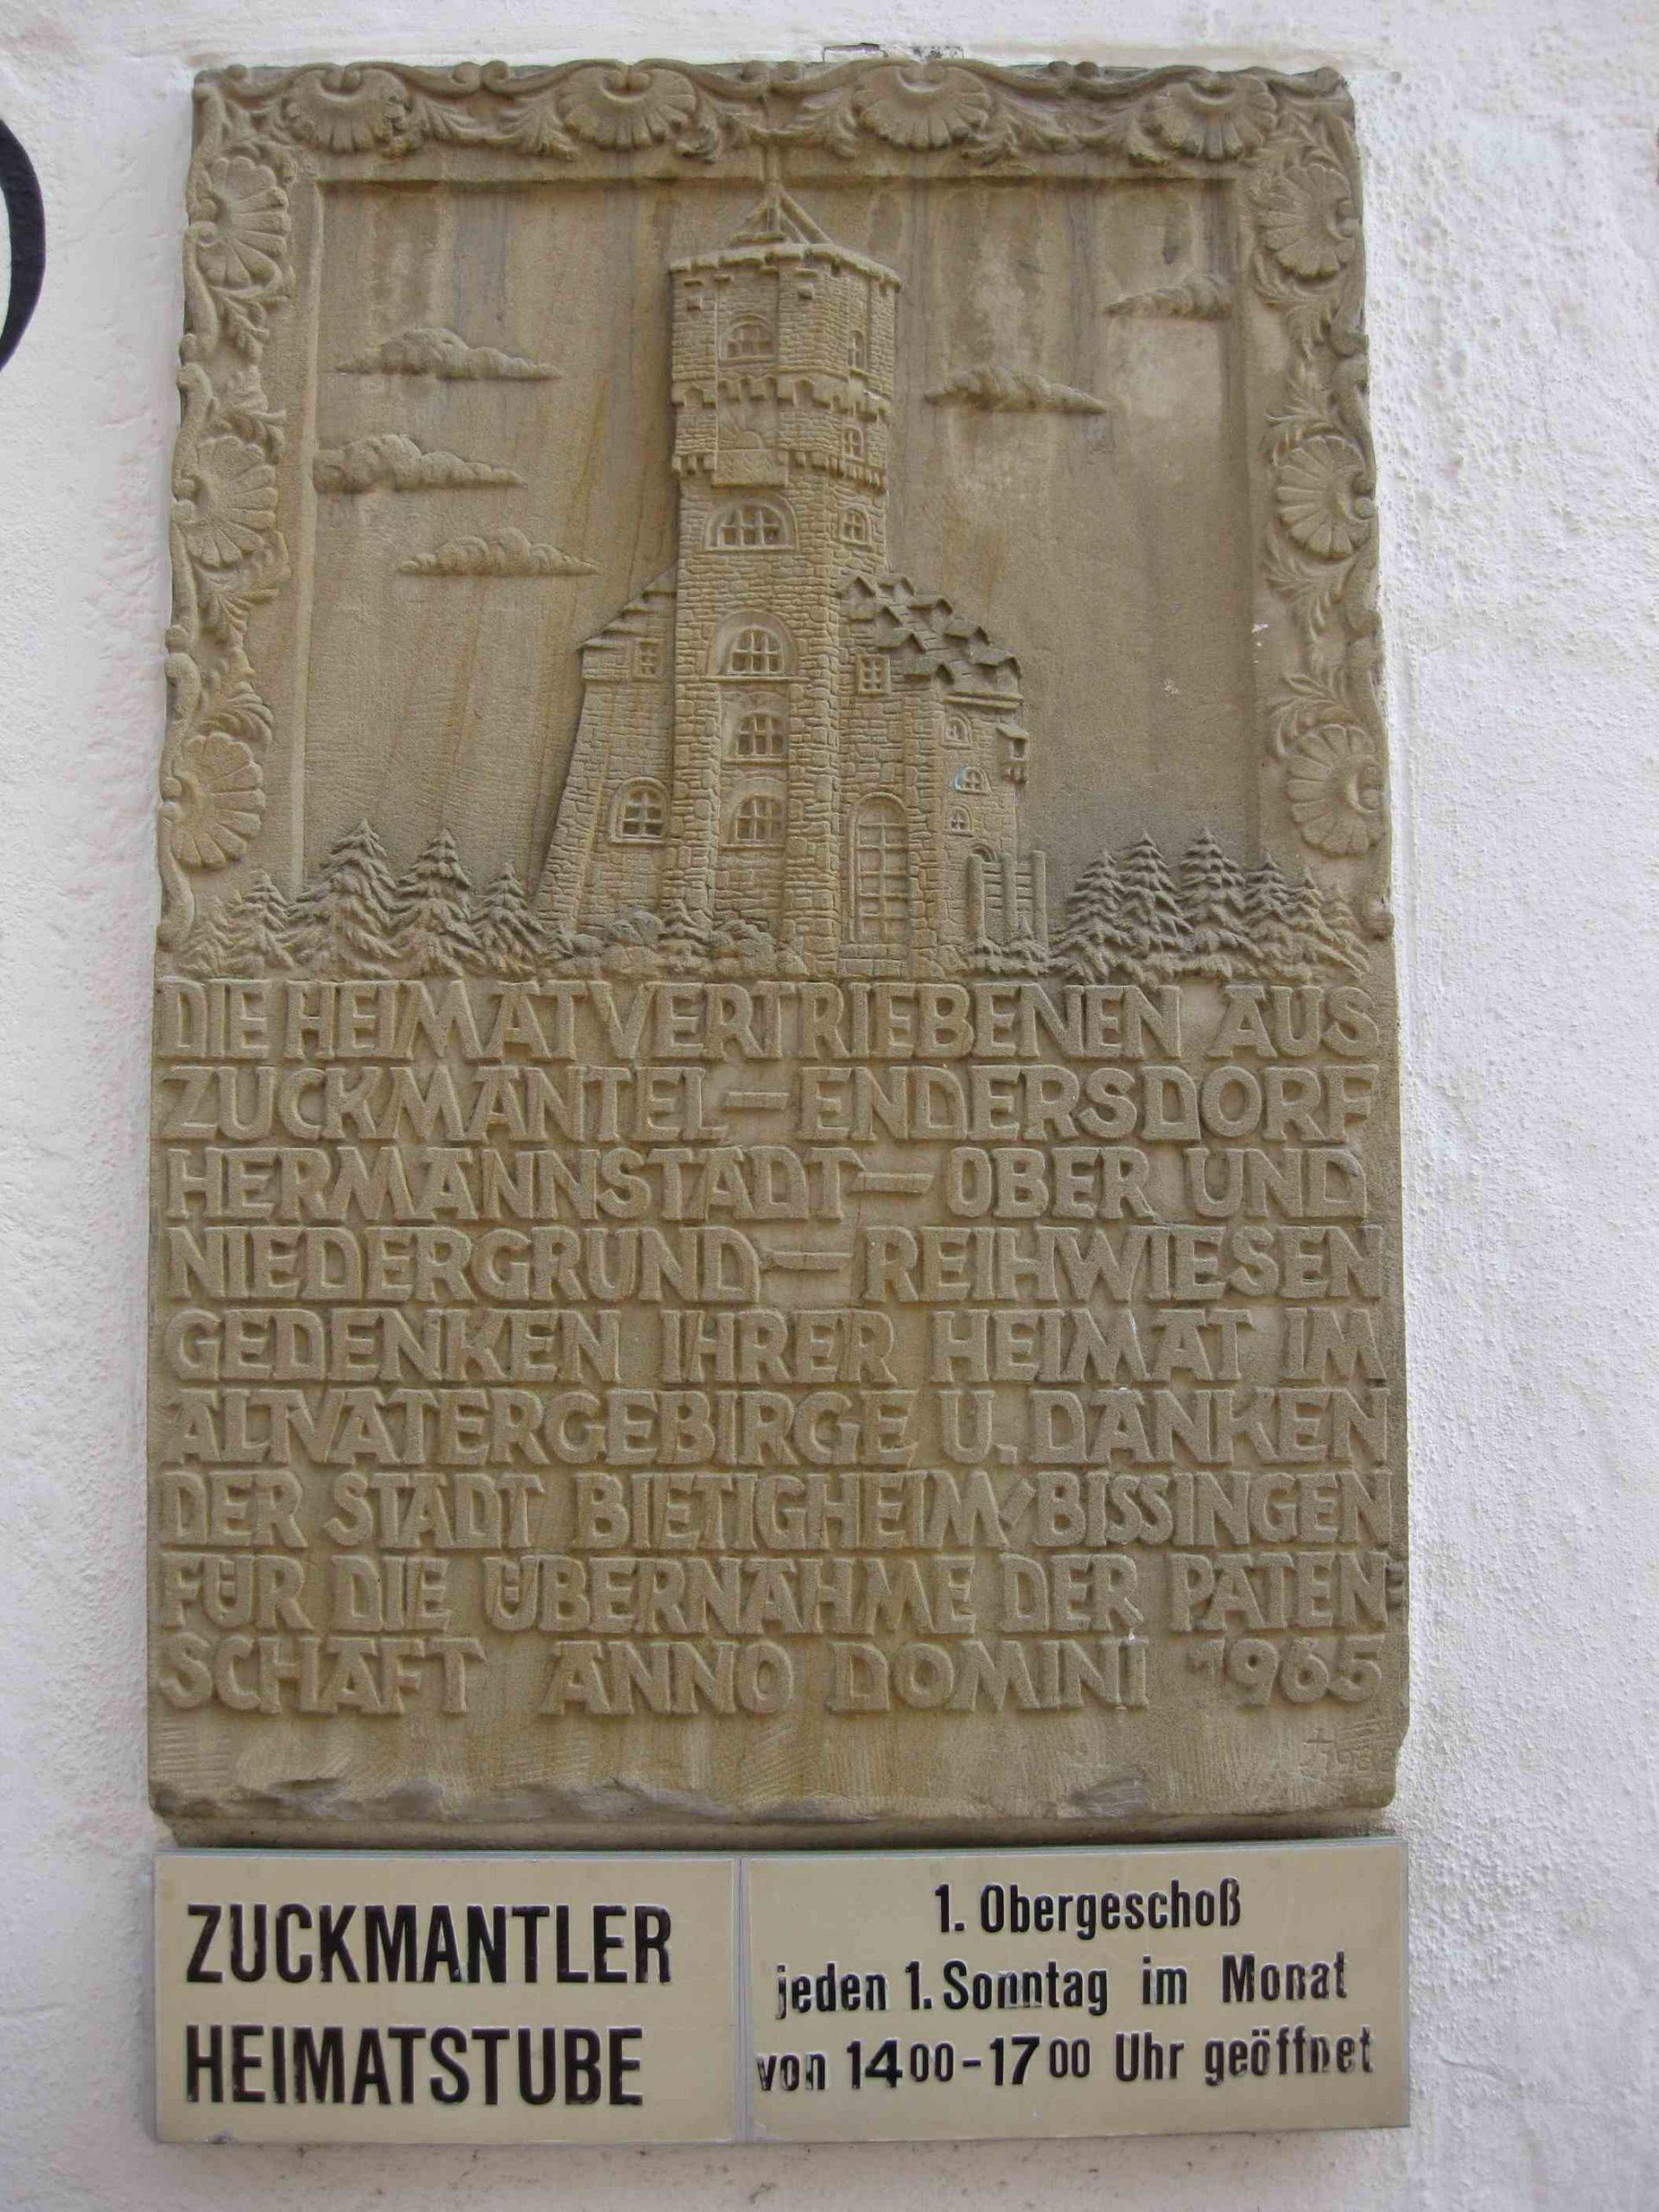 Bietigheim Zuckmantler Heimatstube